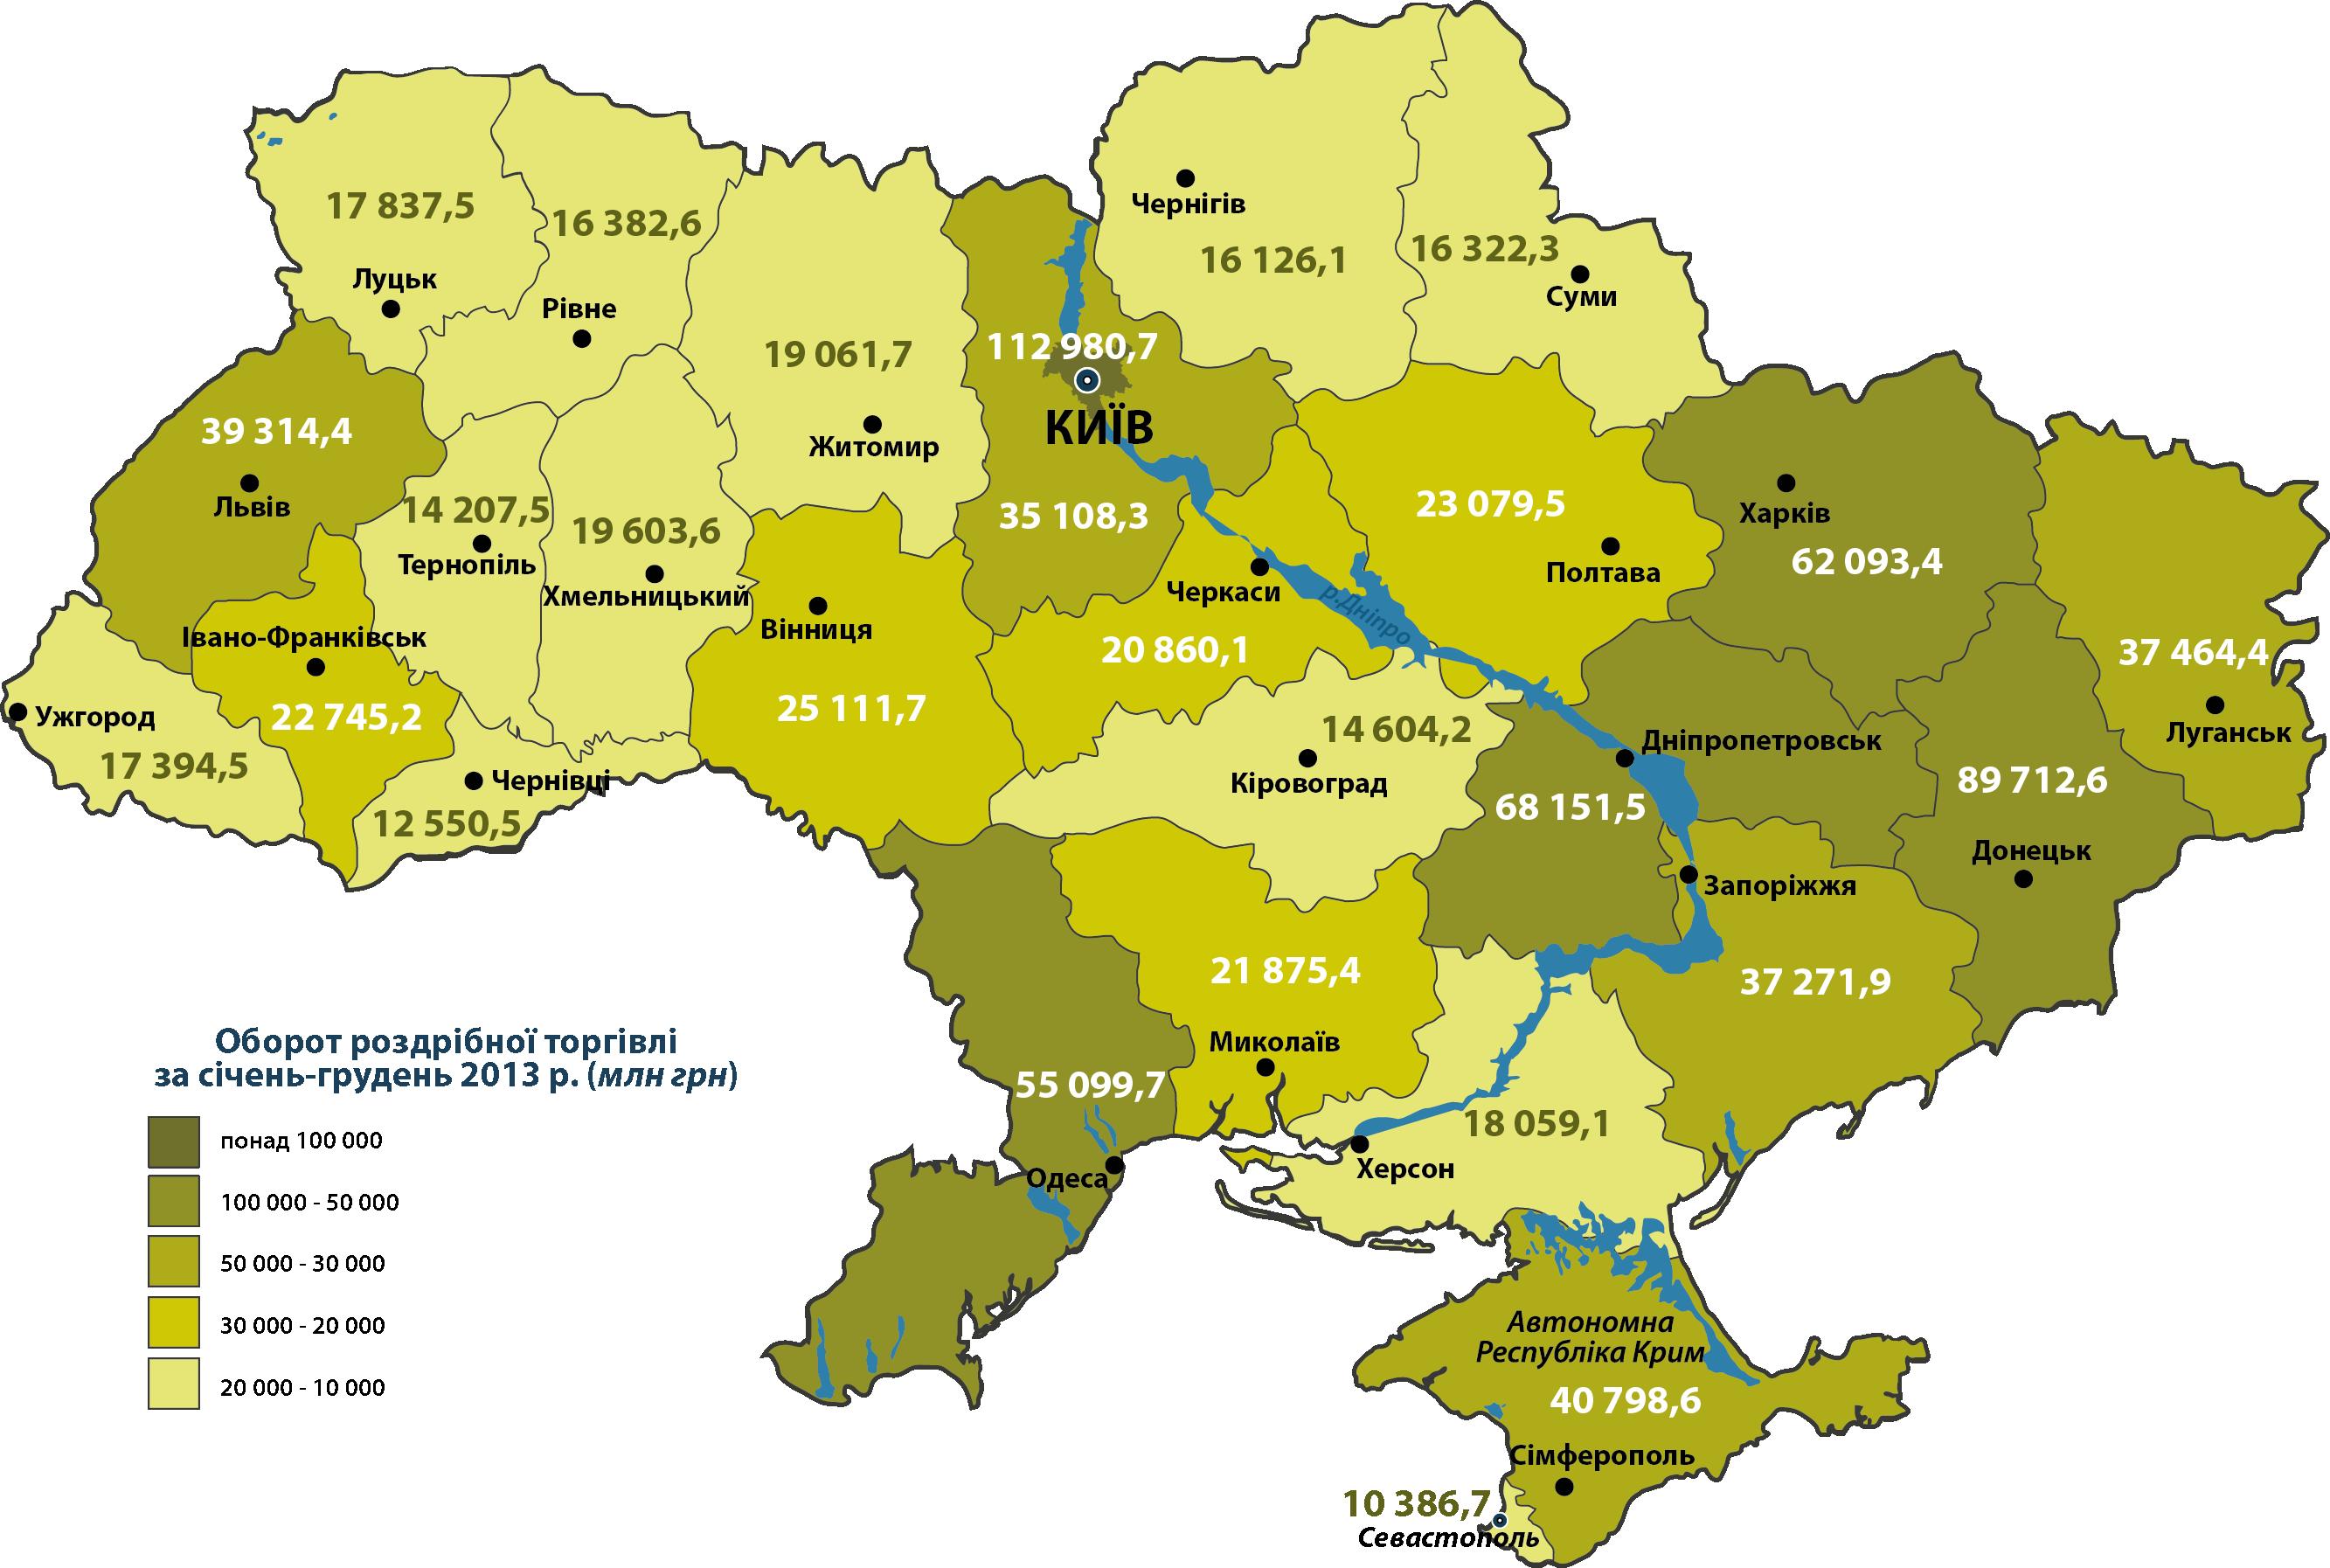 Оборот розничной торговли Украины